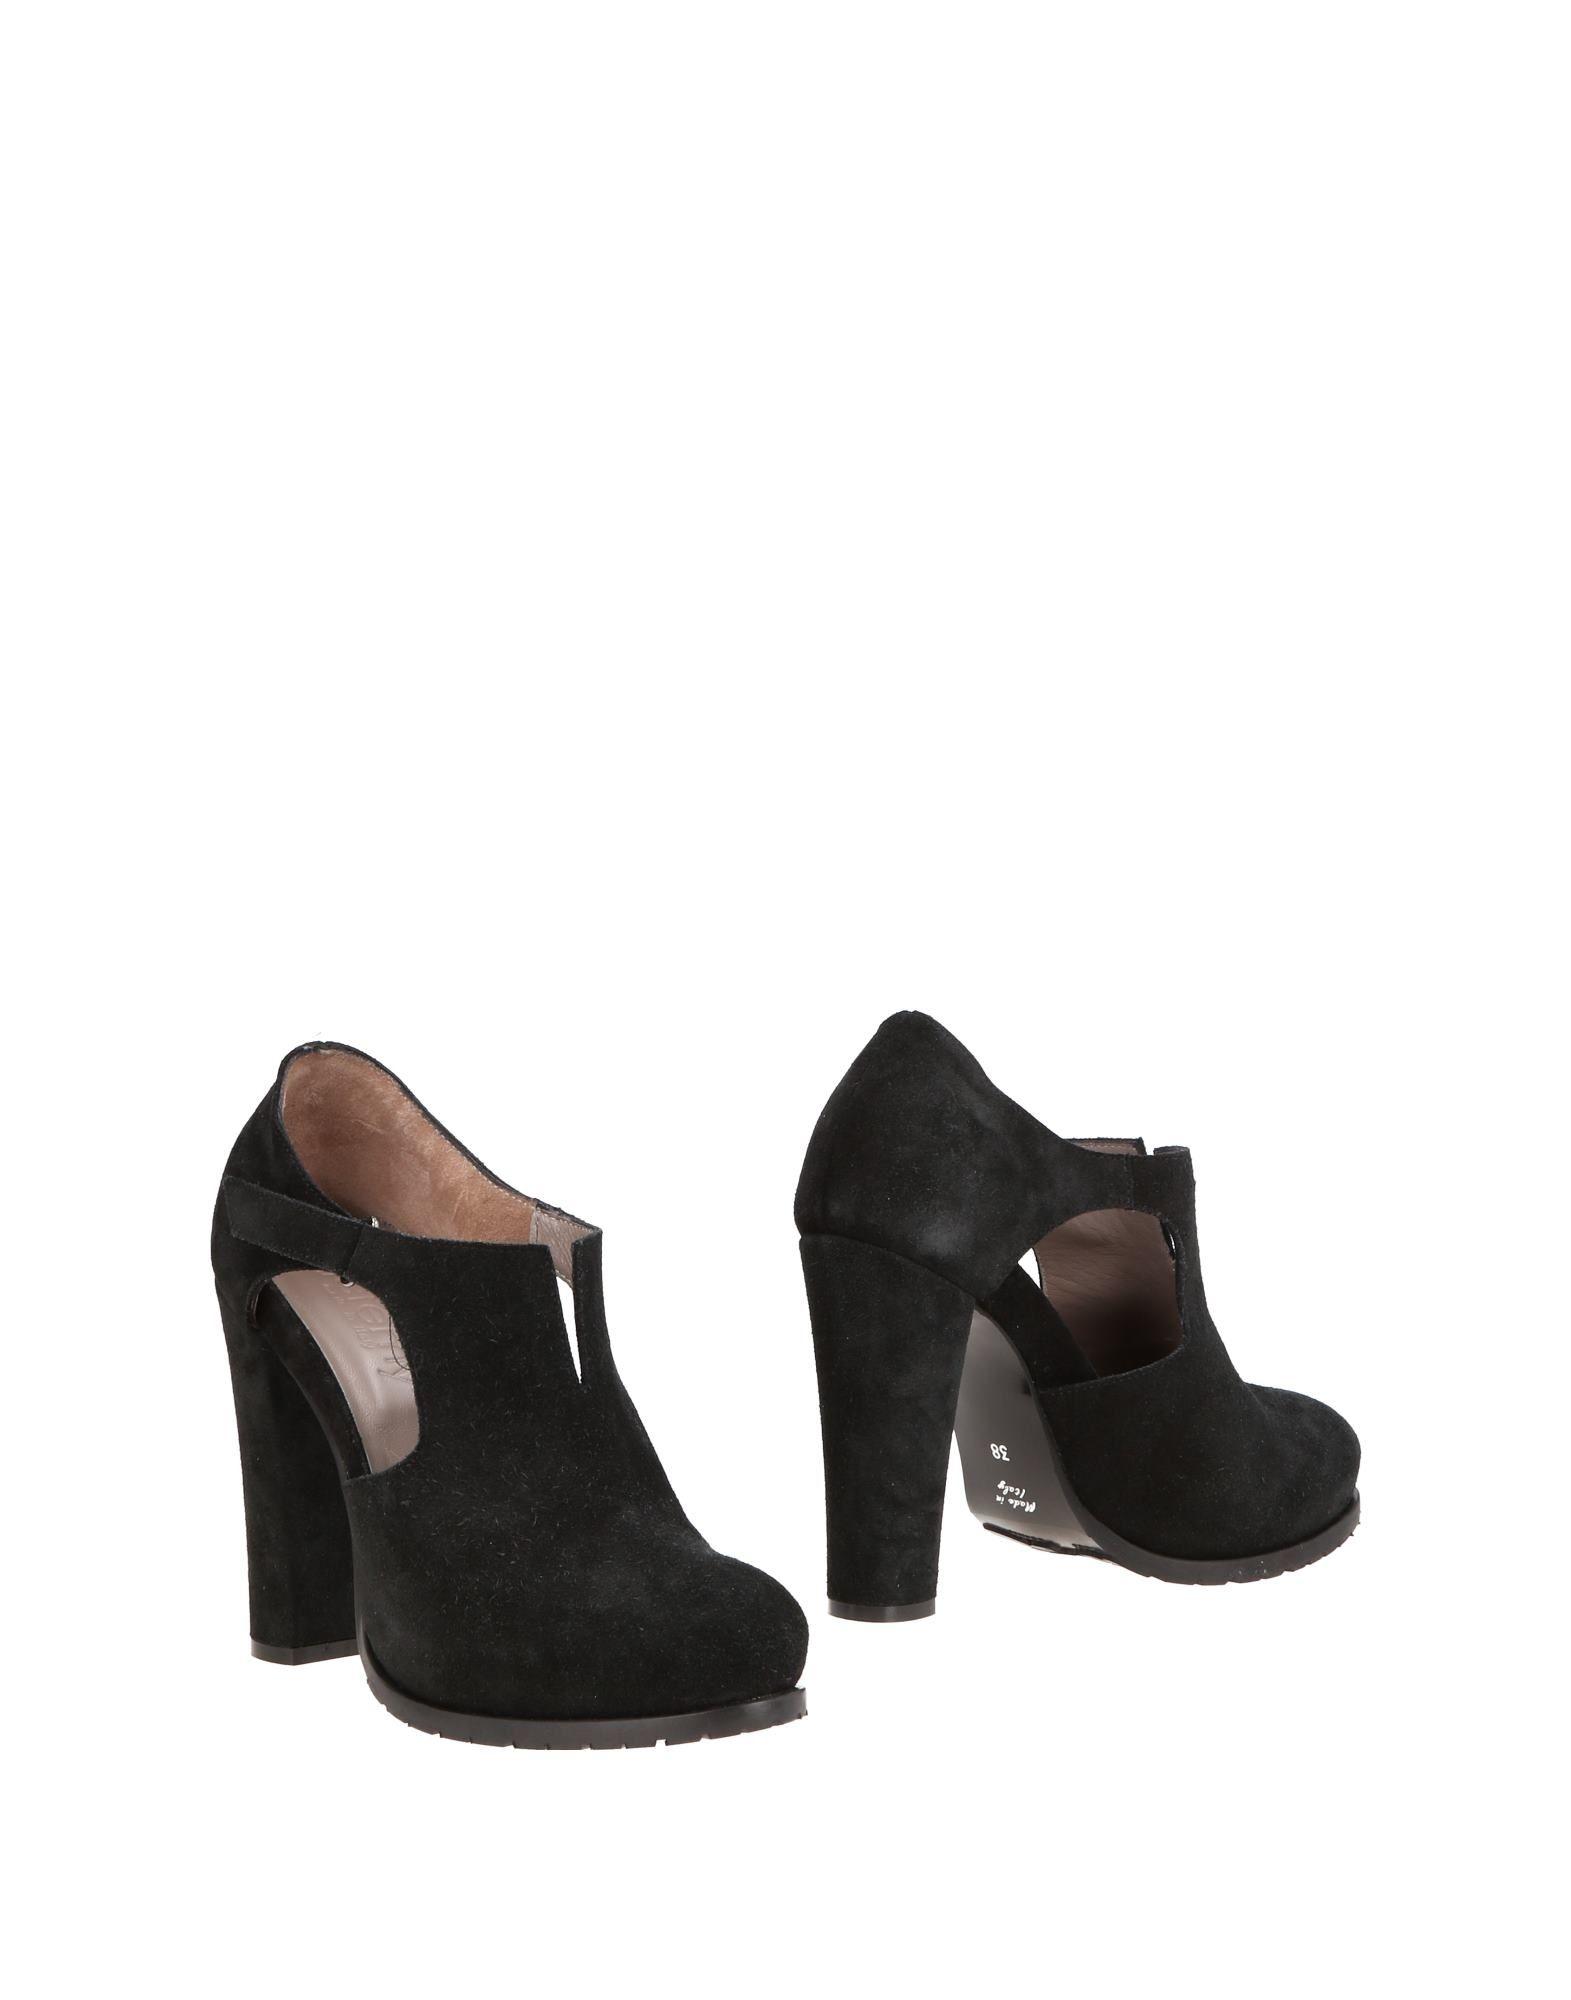 Jeremy Stiefelette Damen  11497280IO Gute Qualität beliebte Schuhe